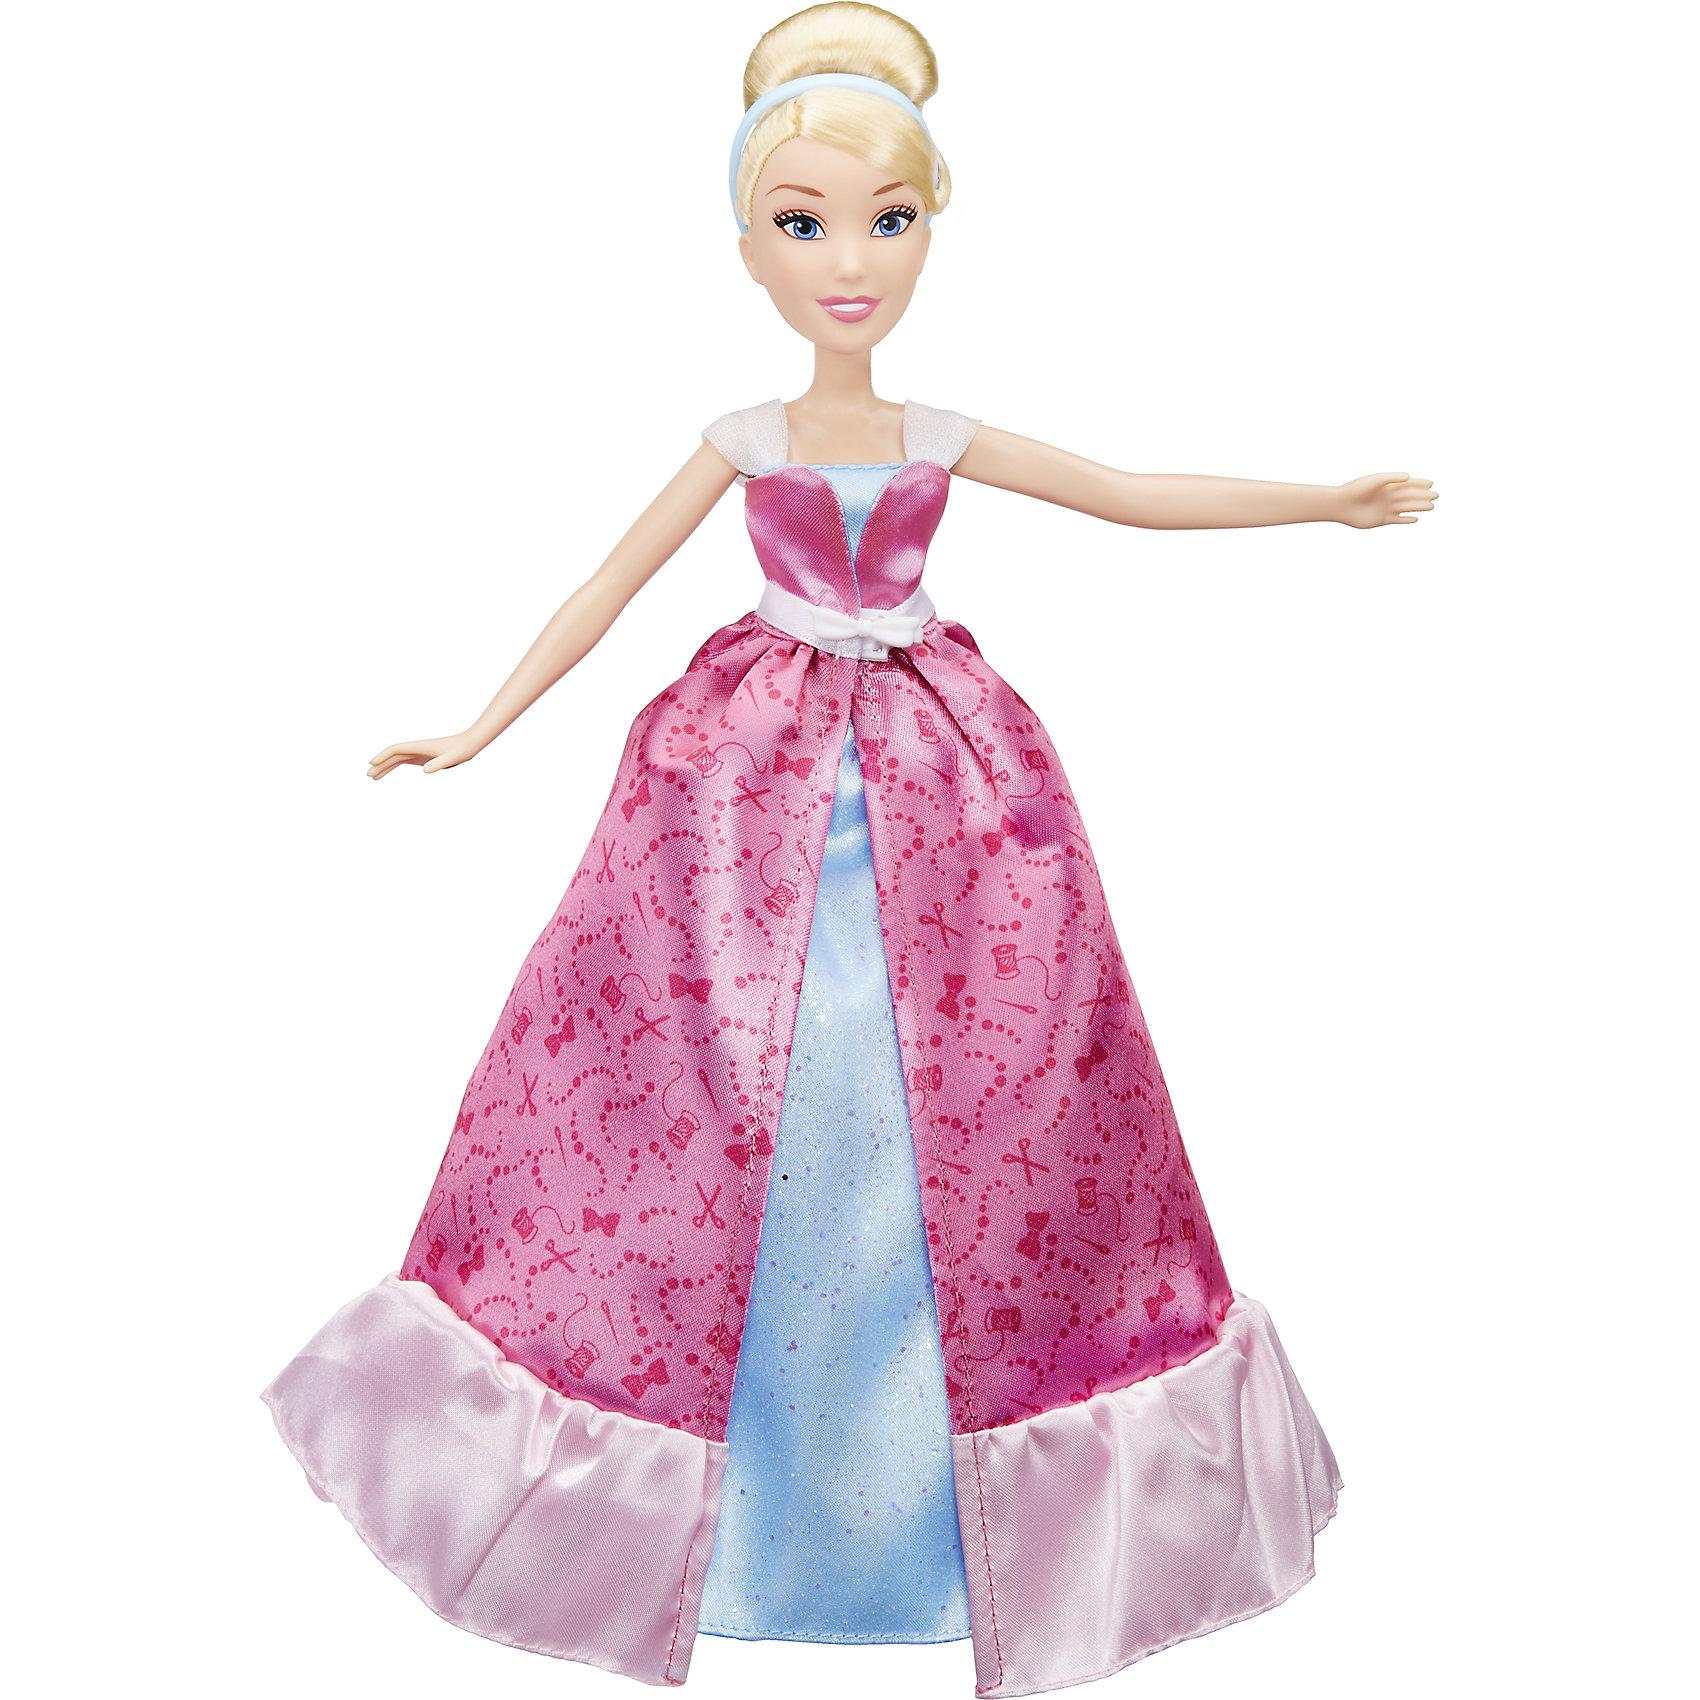 Модная кукла Золушка в роскошном платье-трансформере, Принцессы ДиснейМодная кукла Золушка в роскошном платье-трансформере, Принцессы Дисней<br><br>Характеристики:<br><br>- в набор входит: кукла, двойное платье <br>- состав: пластик, текстиль<br>- для детей в возрасте: от 3 до 10 лет<br>- Страна производитель: Китай<br><br>Прекрасная принцесса Золушка известна по мультфильмам компании Дисней. Эта кукла изготовлена по лицензии правообладателя известным американским производителем товаров для детей Hasbro (Хасбро). Кукла с большими и выразительными глазами и белоснежной улыбкой выглядит просто великолепно. Ее пышные пшеничные волосы прошиты по всей голове и уложены в элегантную прическу. Она одета в розовое платье с рисунками ножниц, ниток и бусин-пуговичек, платье украшено белым поясом с бантиком. Если снять верхнюю часть платья, то Золушка предстанет в ее бальном наряде небесно-голубого цвета. Сияющее платье ей очень идет и выглядит совсем как в мульфильме.<br><br>Кукла может поворачивать голову, расставлять в разные стороны руки и поворачивать их в плечах, также может поворачивать ногами в бедрах. Отправьтесь на встречу приключениям вместе с принцессой Золушкой. Игры с куклами развивают социальные навыки, развивают воображение и творческие способности. <br><br>Модную куклу Золушка в роскошном платье-трансформере, Принцессы Дисней можно купить в нашем интернет-магазине.<br><br>Ширина мм: 9999<br>Глубина мм: 9999<br>Высота мм: 9999<br>Вес г: 9999<br>Возраст от месяцев: 36<br>Возраст до месяцев: 84<br>Пол: Женский<br>Возраст: Детский<br>SKU: 5225702